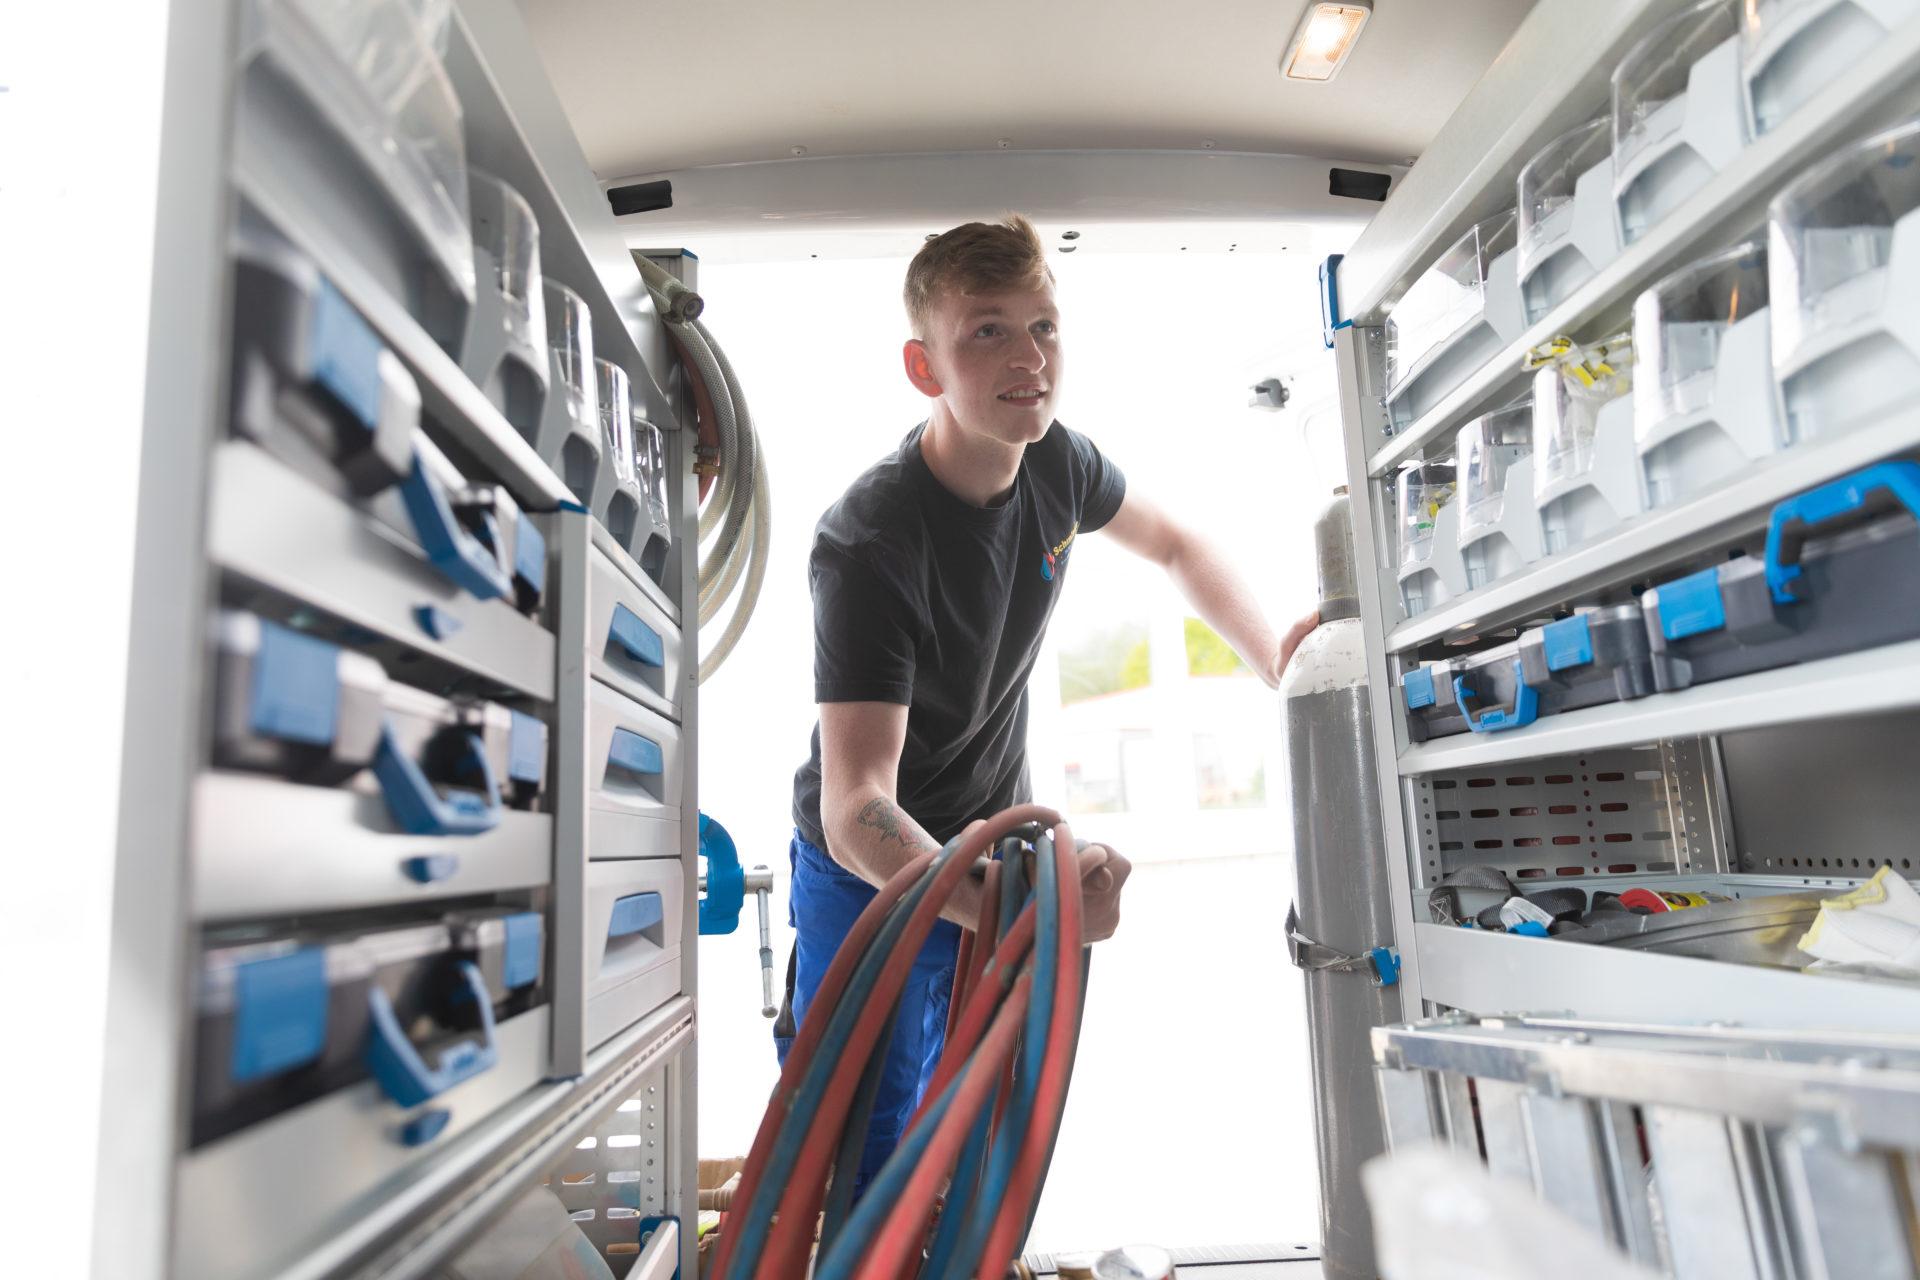 Schoenfeld Schmitter Sanitaer Heizung Monteur Klimatechnik Leistung Notdienst